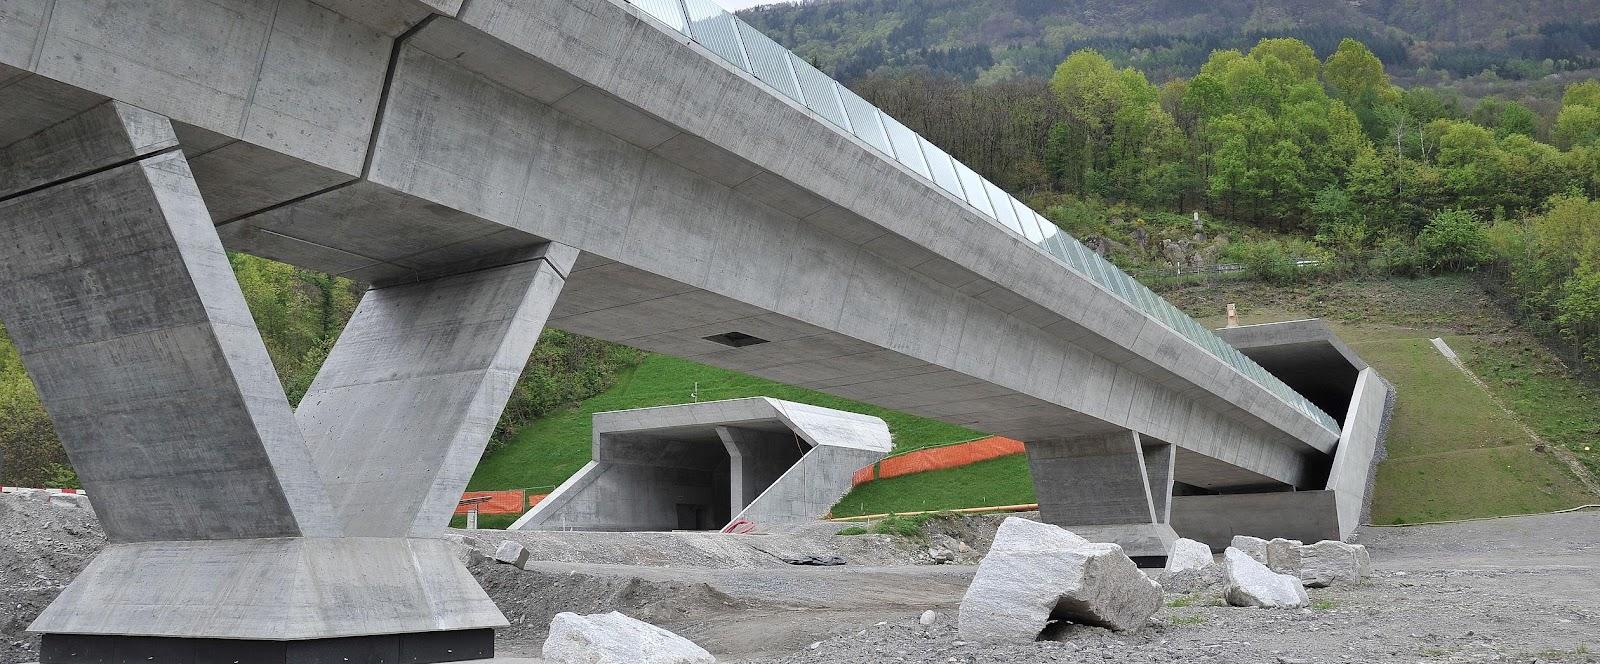 Tunnel vision | Alptransit Portal